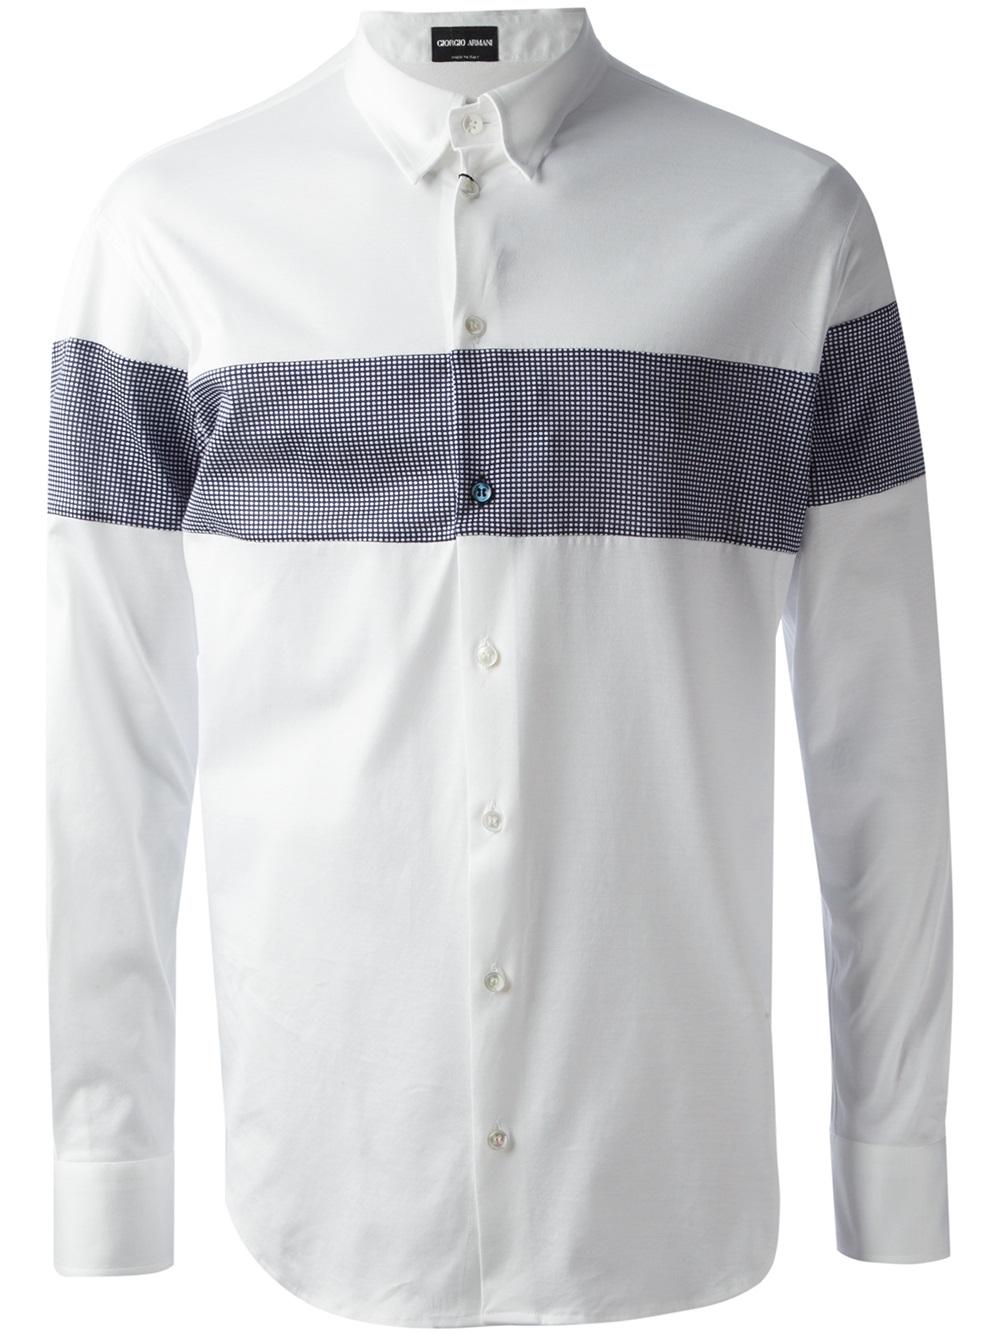 giorgio armani classic shirt in white for men lyst